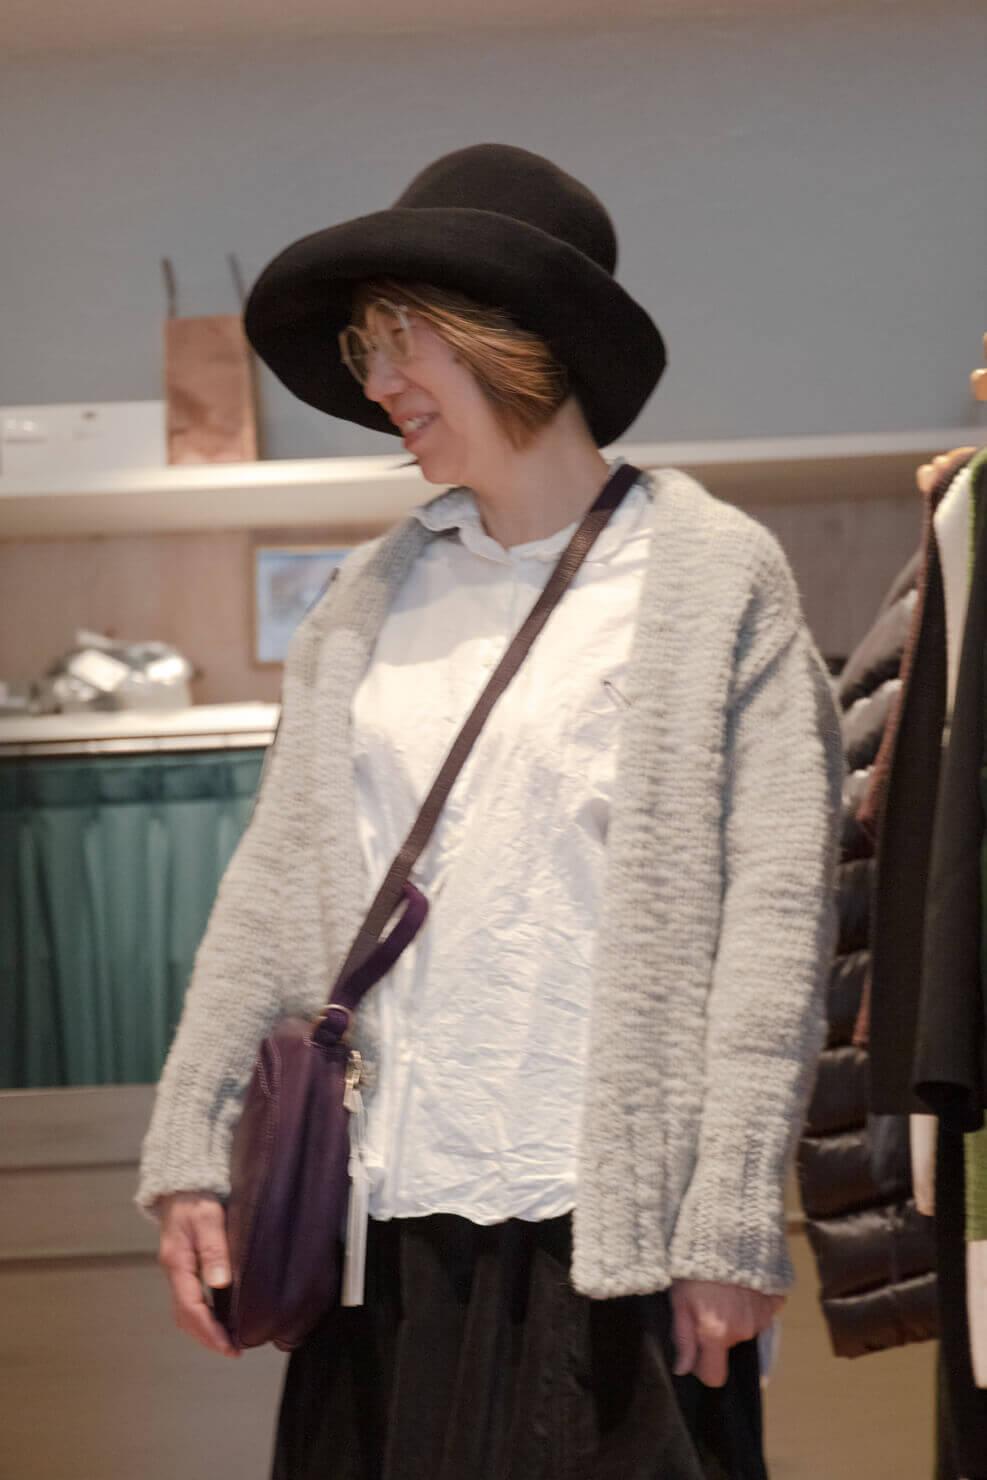 ケーシーケーシーのコーデでバッグを持っている写真